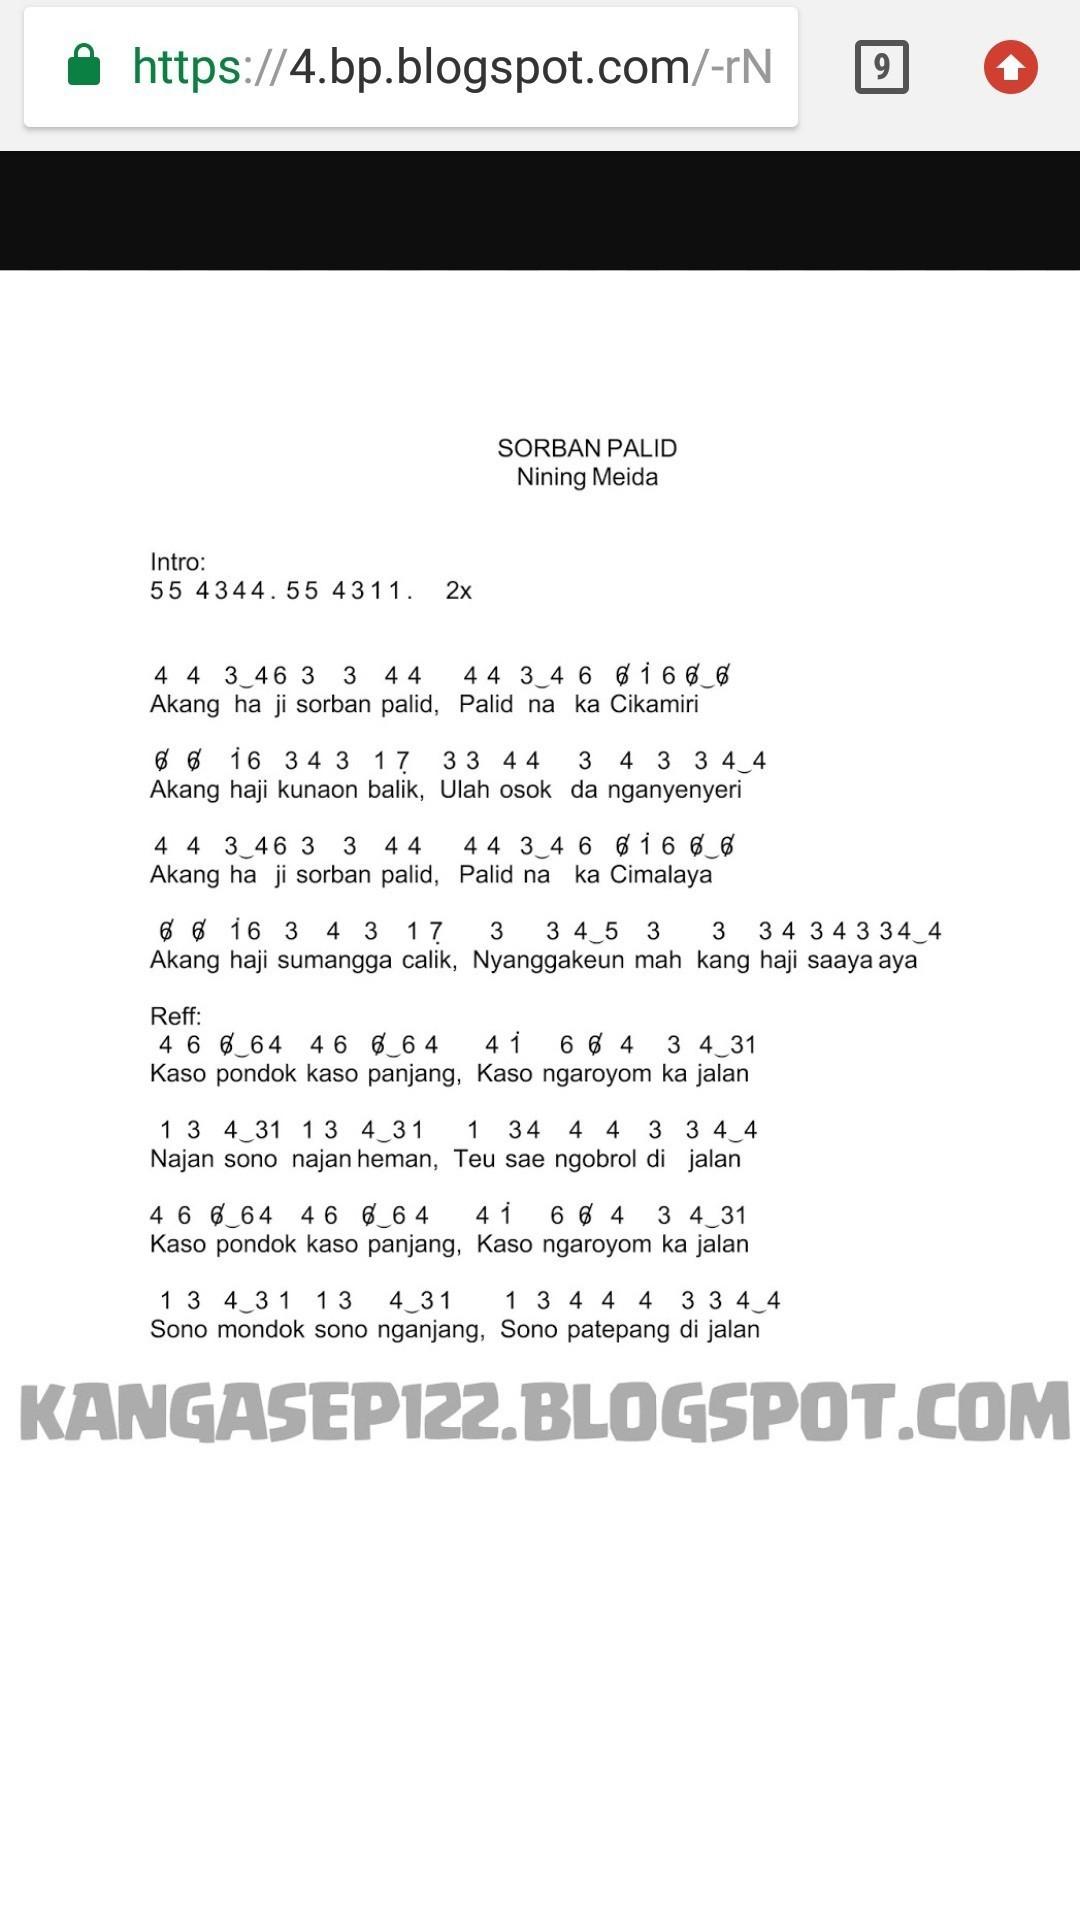 Pengertian Notasi Musik : pengertian, notasi, musik, Pengertian, Notasi, Tuliskan, Angka, Sorban, Palid, Brainly.co.id